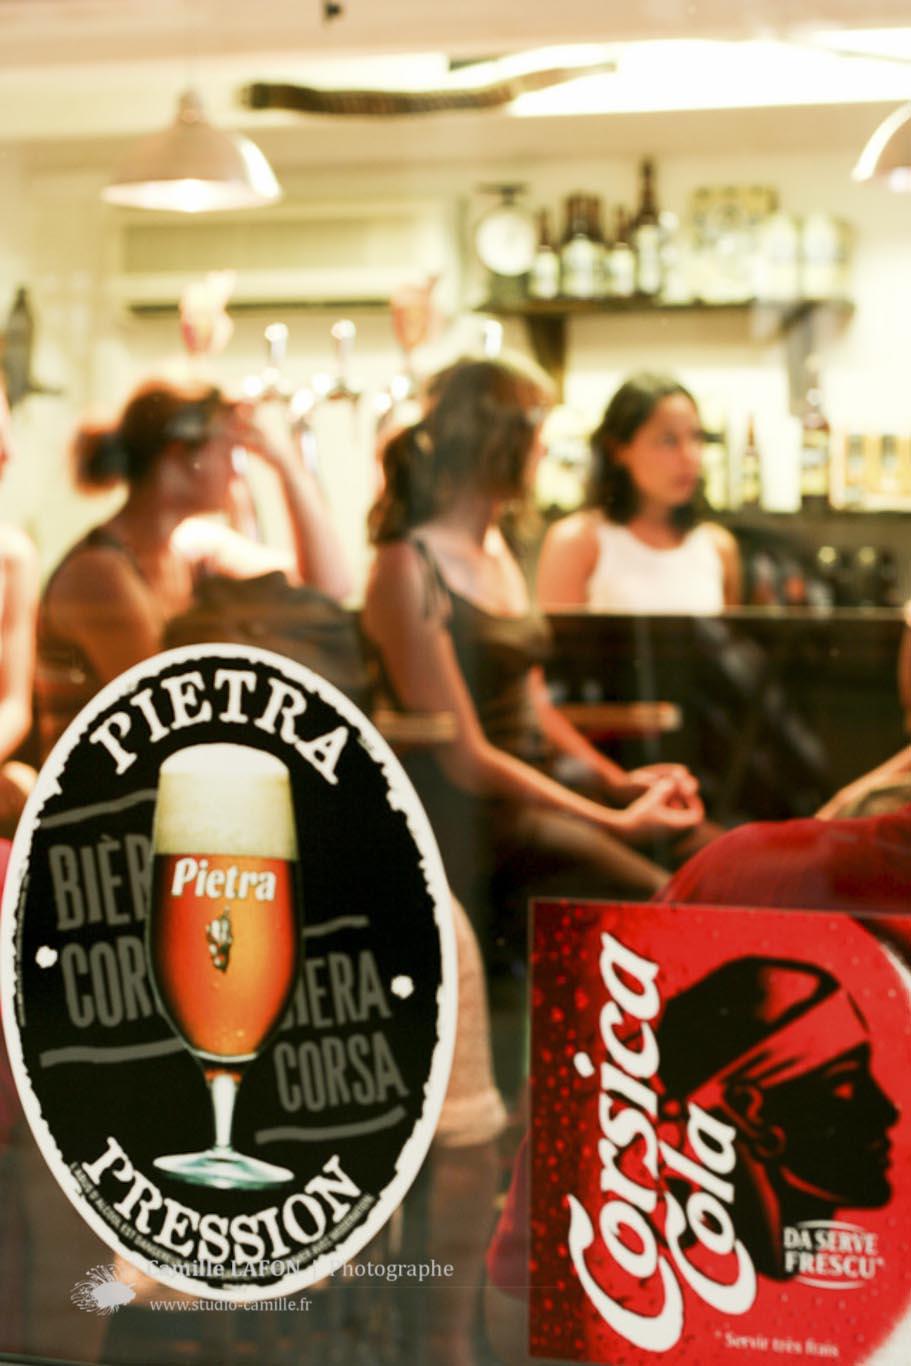 photographe-montpellier-Tireuse-bière-brasserie.jpg